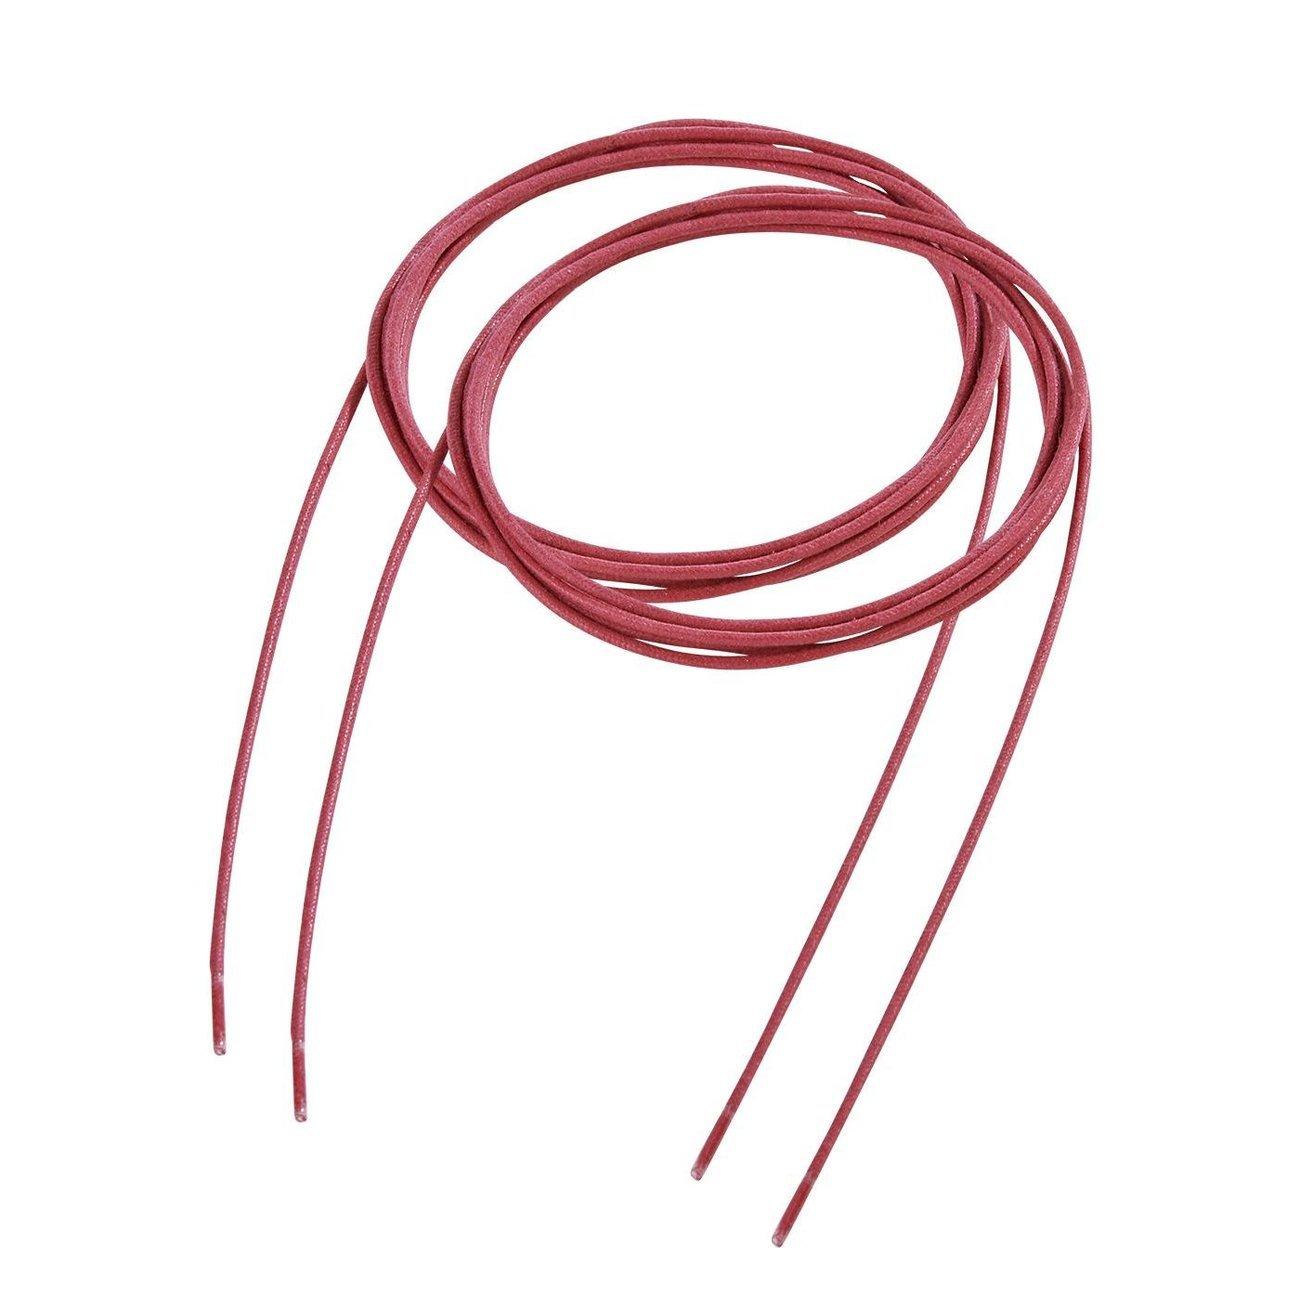 BUSSE Schnürsenkel Laval, Länge 275 cm, pink